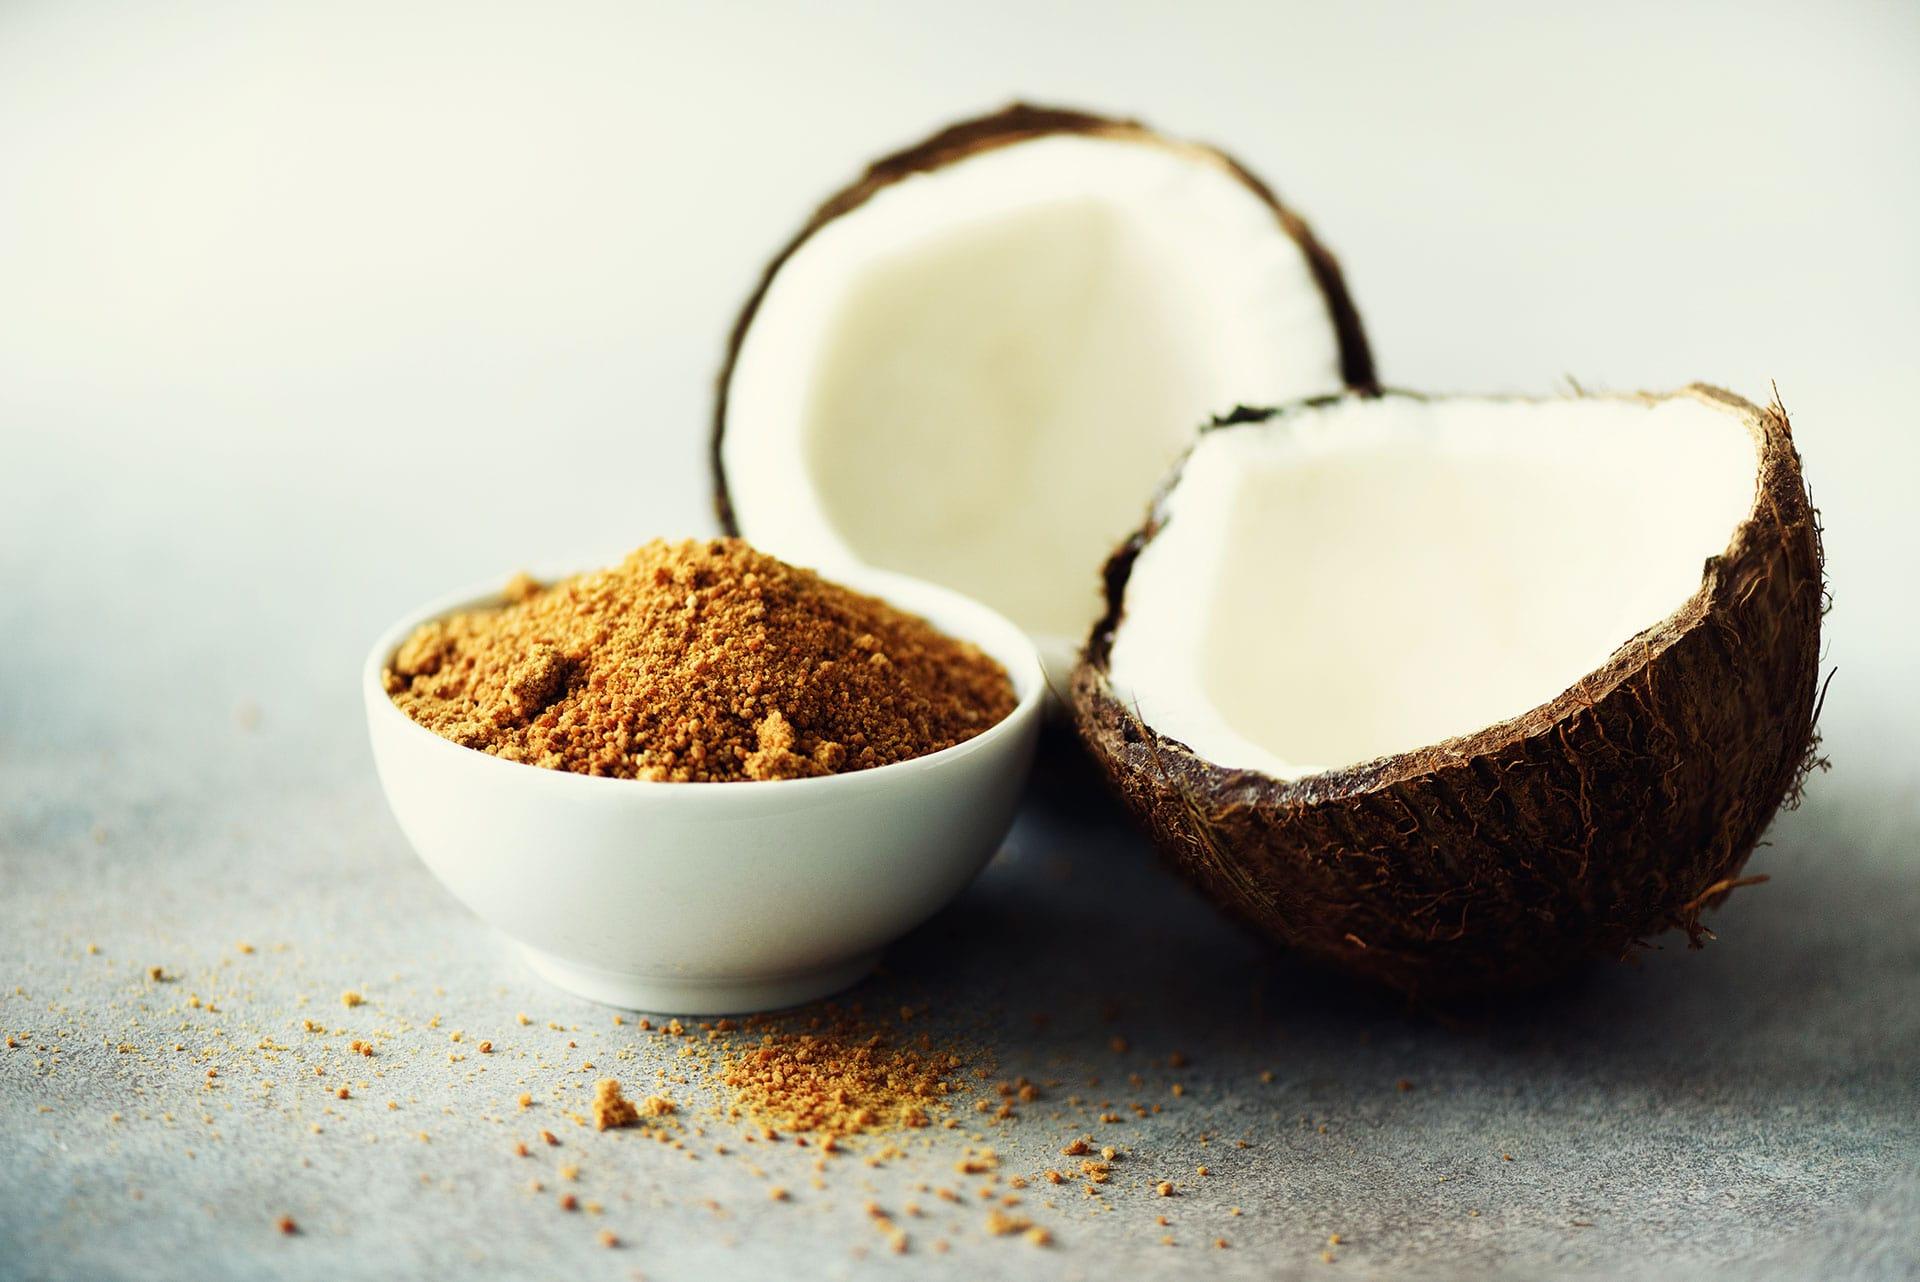 Cukier kokosowy - czy to zdrowszy zamiennik cukru spożywczego?